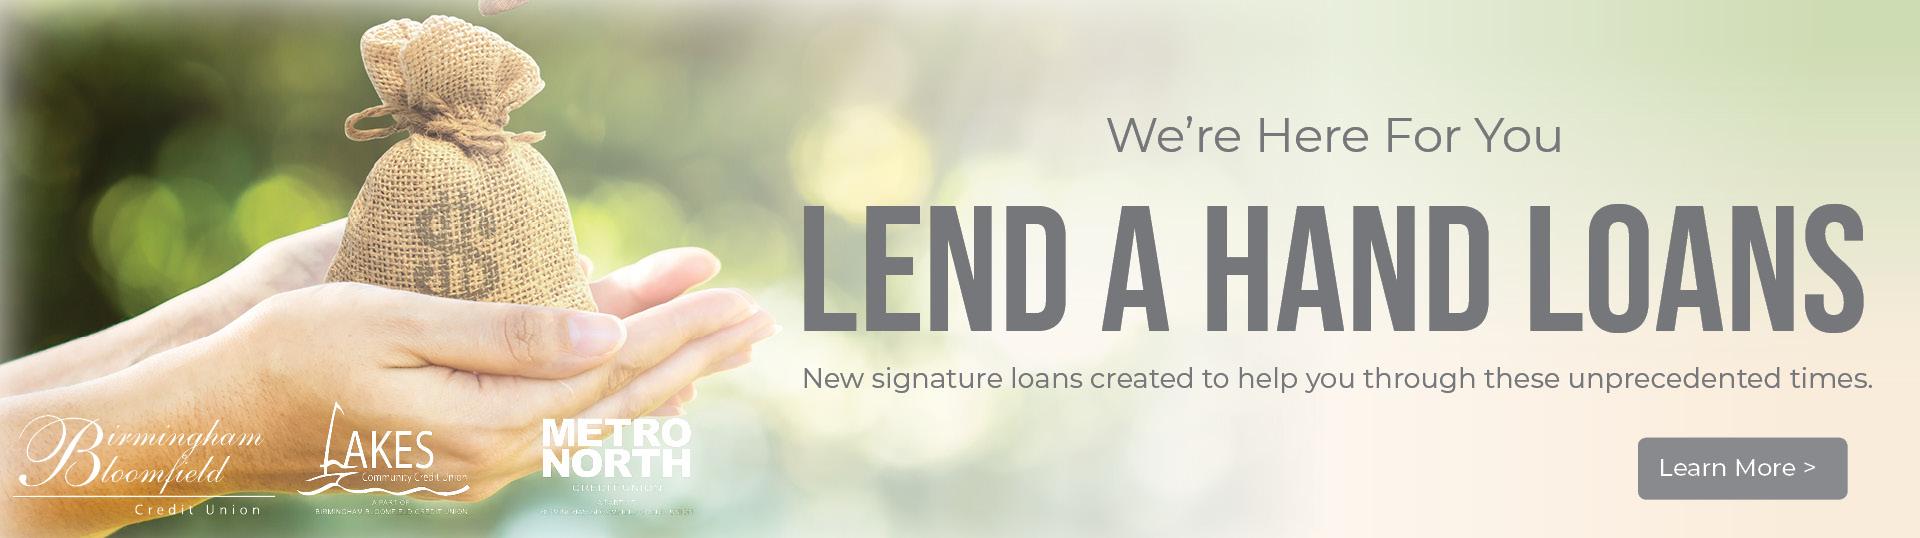 Lend a Hand Loans banner